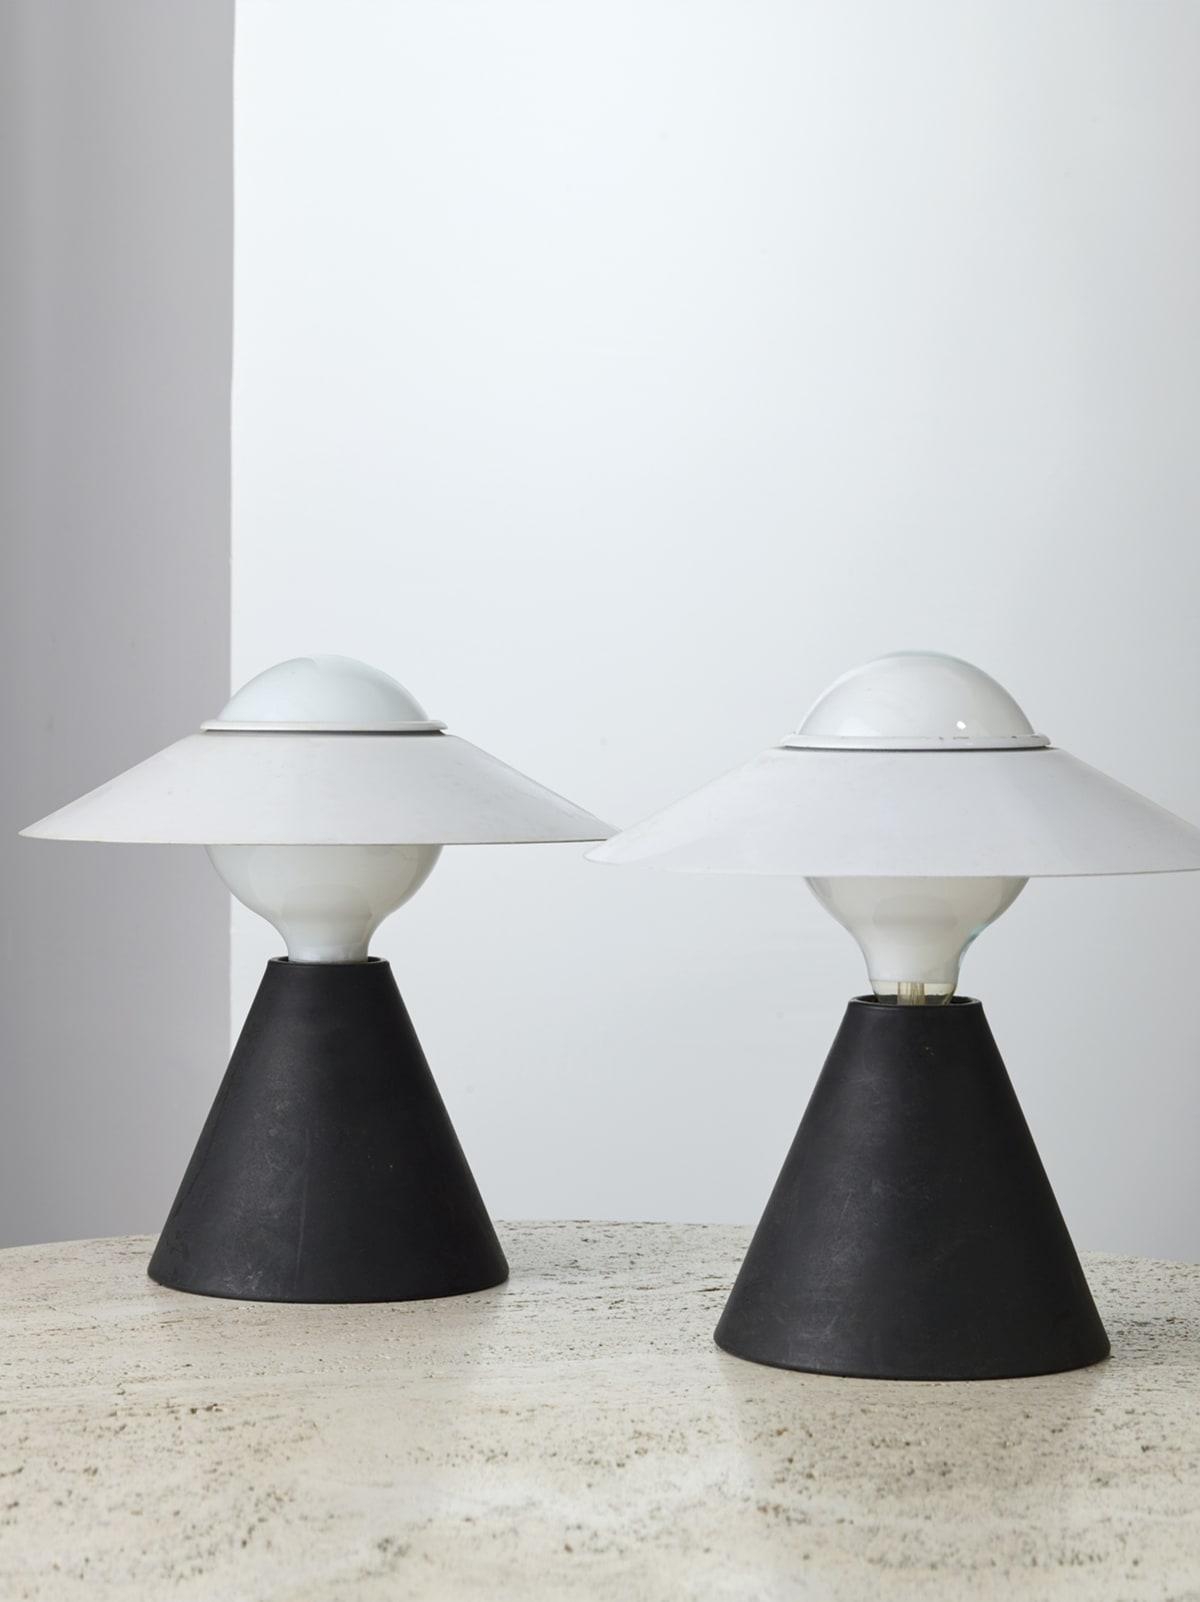 Stilnovo Pair of table lamps c.1968 Painted aluminium 27 x 27 cm (each)